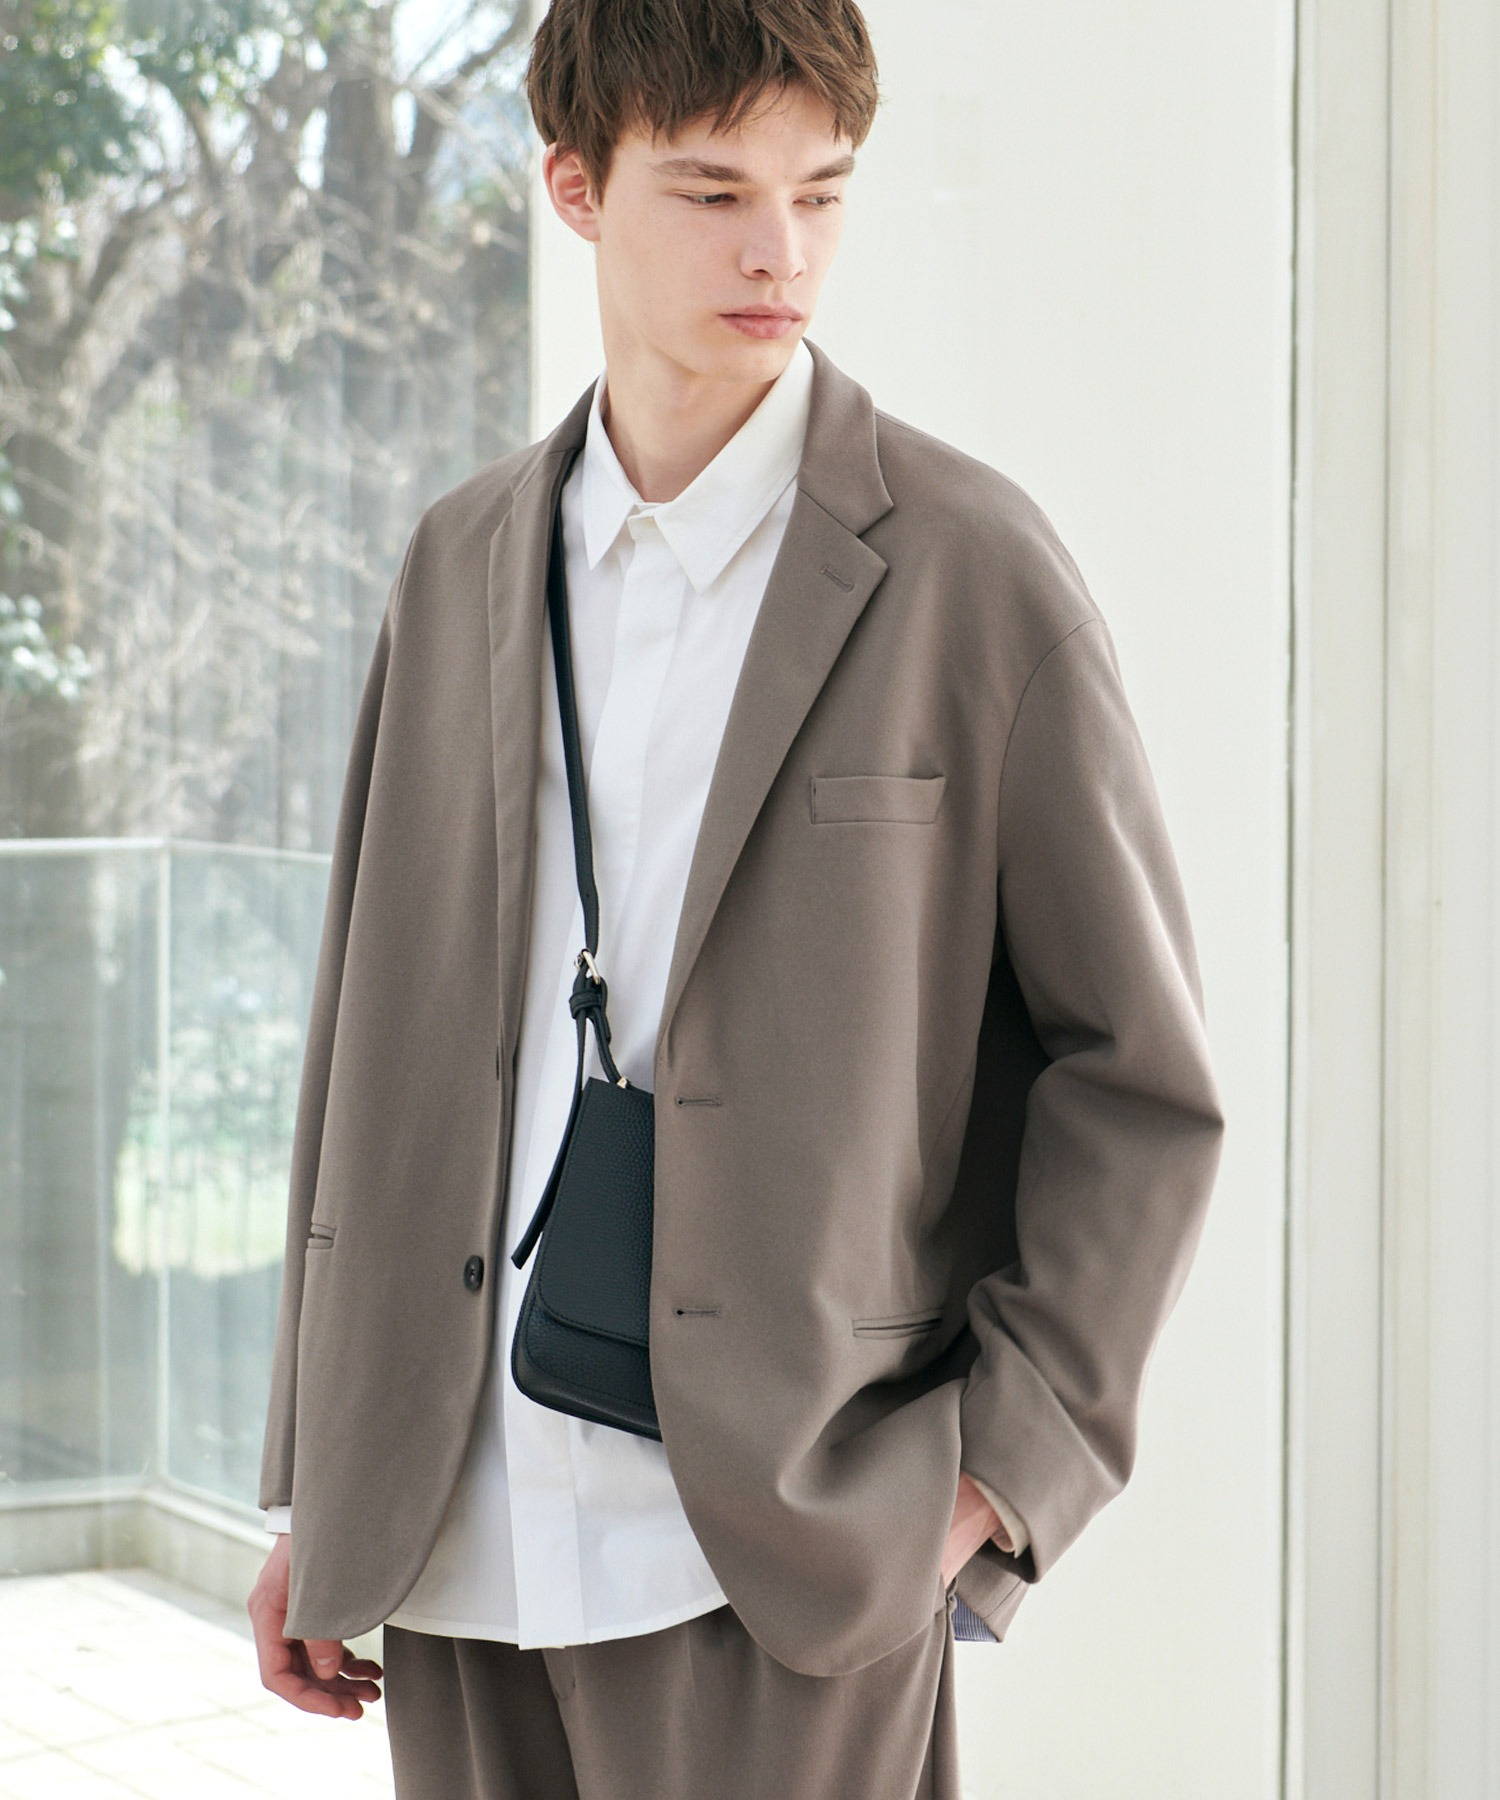 【セットアップ】梨地ルーズリラックス オーバーサイズ テーラードジャケット&テーパードワイドパンツ EMMA CLOTHES 2021 S/S